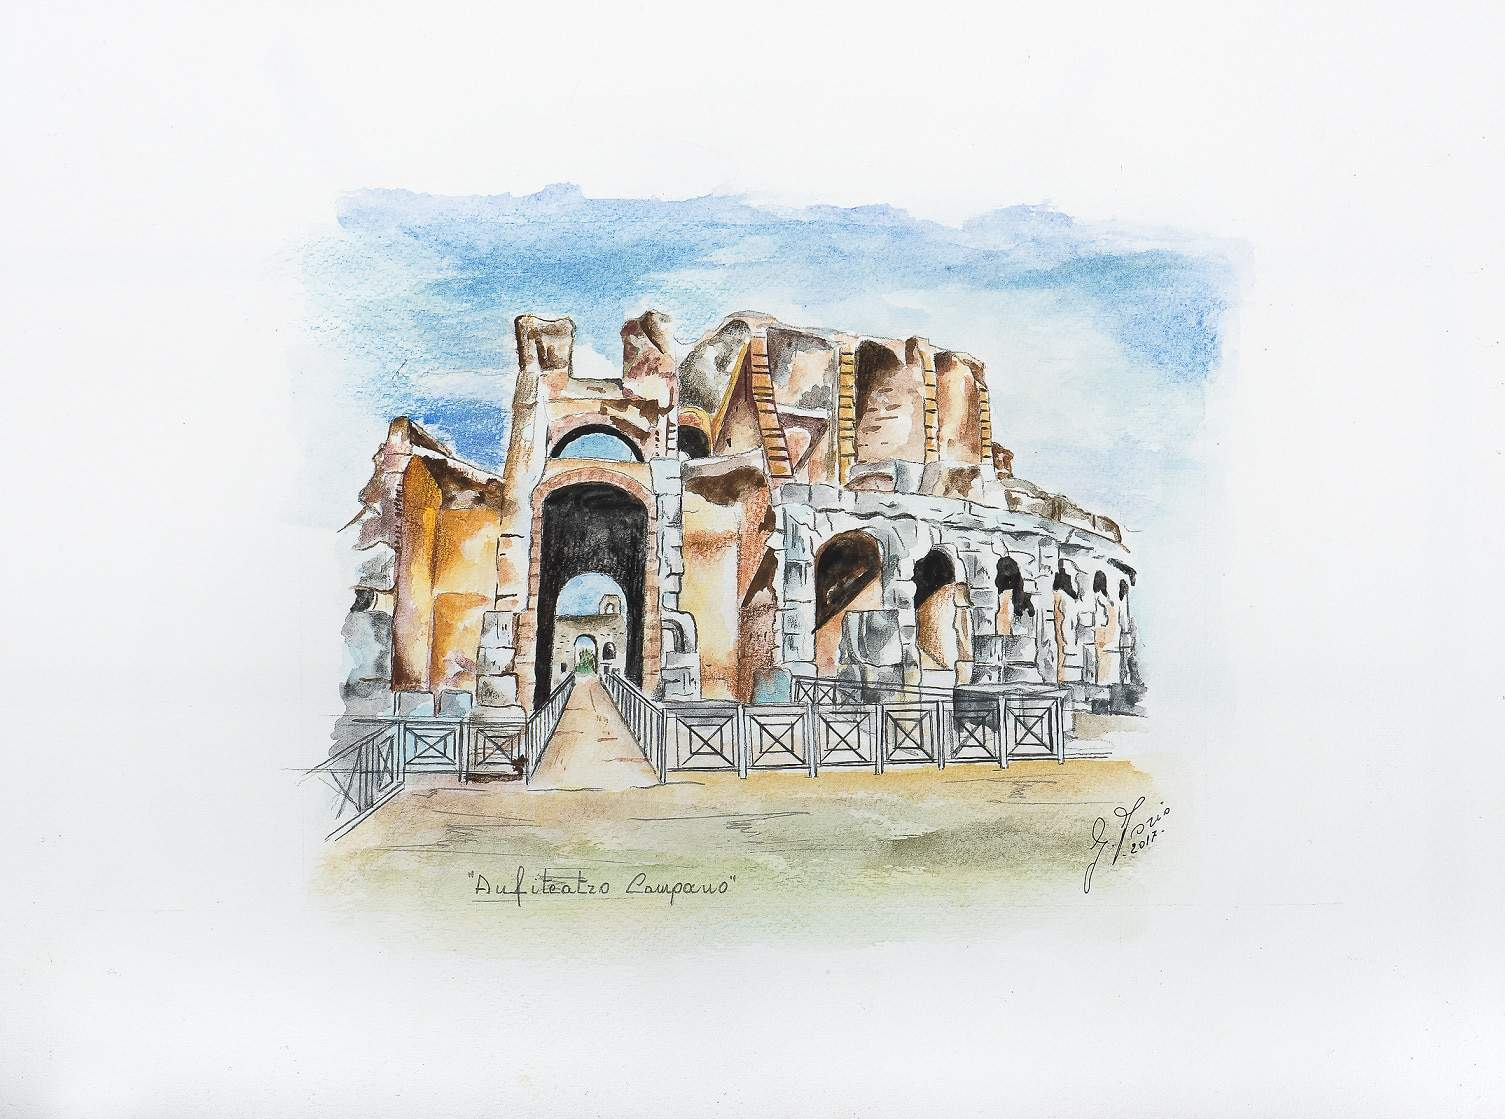 Anfiteatro campano di Gerardo Iorio